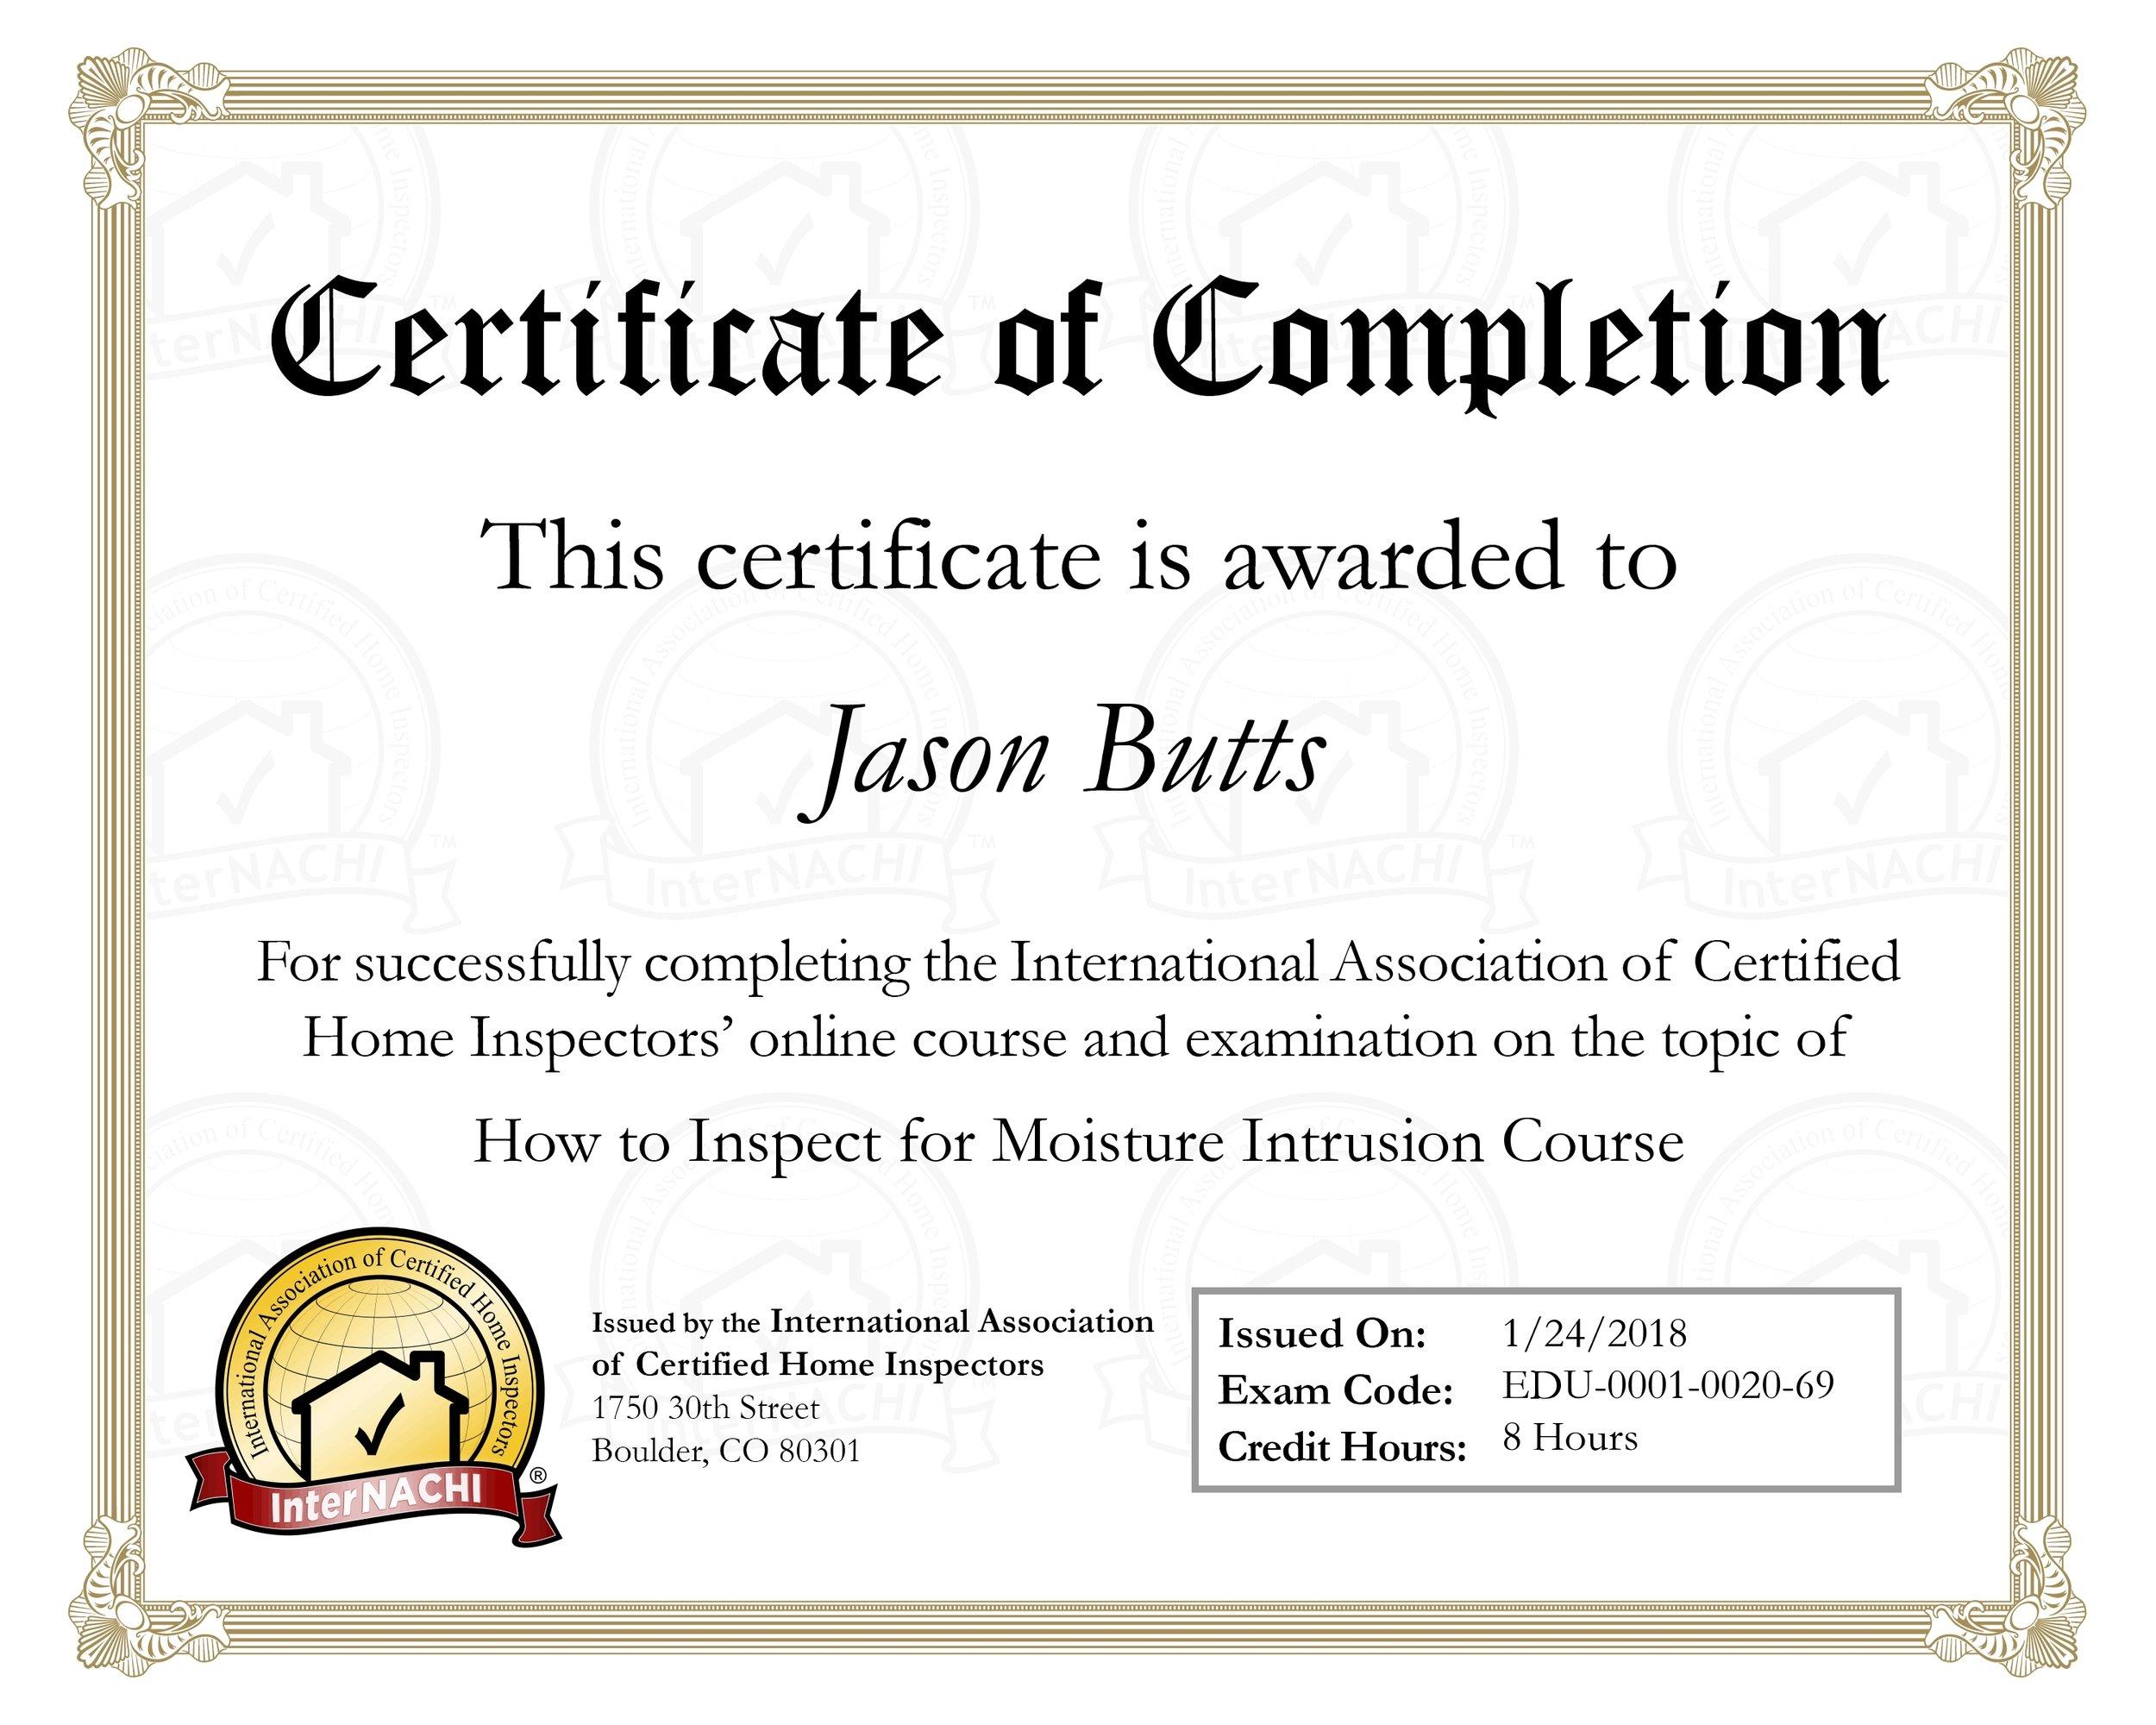 jbutts2_certificate_57.jpg